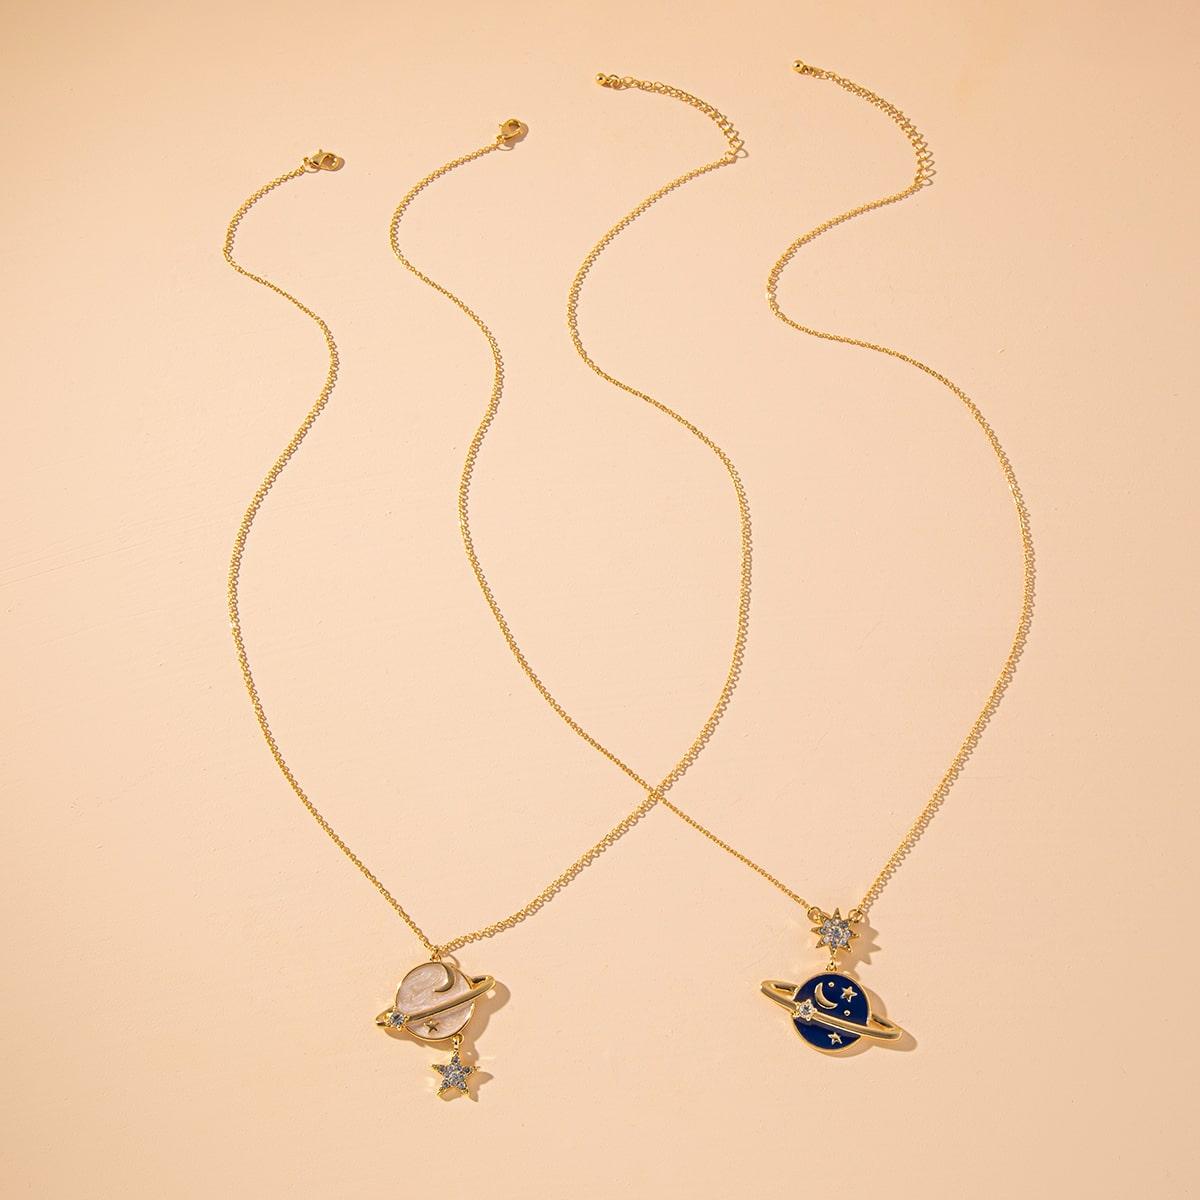 SHEIN / 2 Stücke Halskette mit Strass Stern Dekor